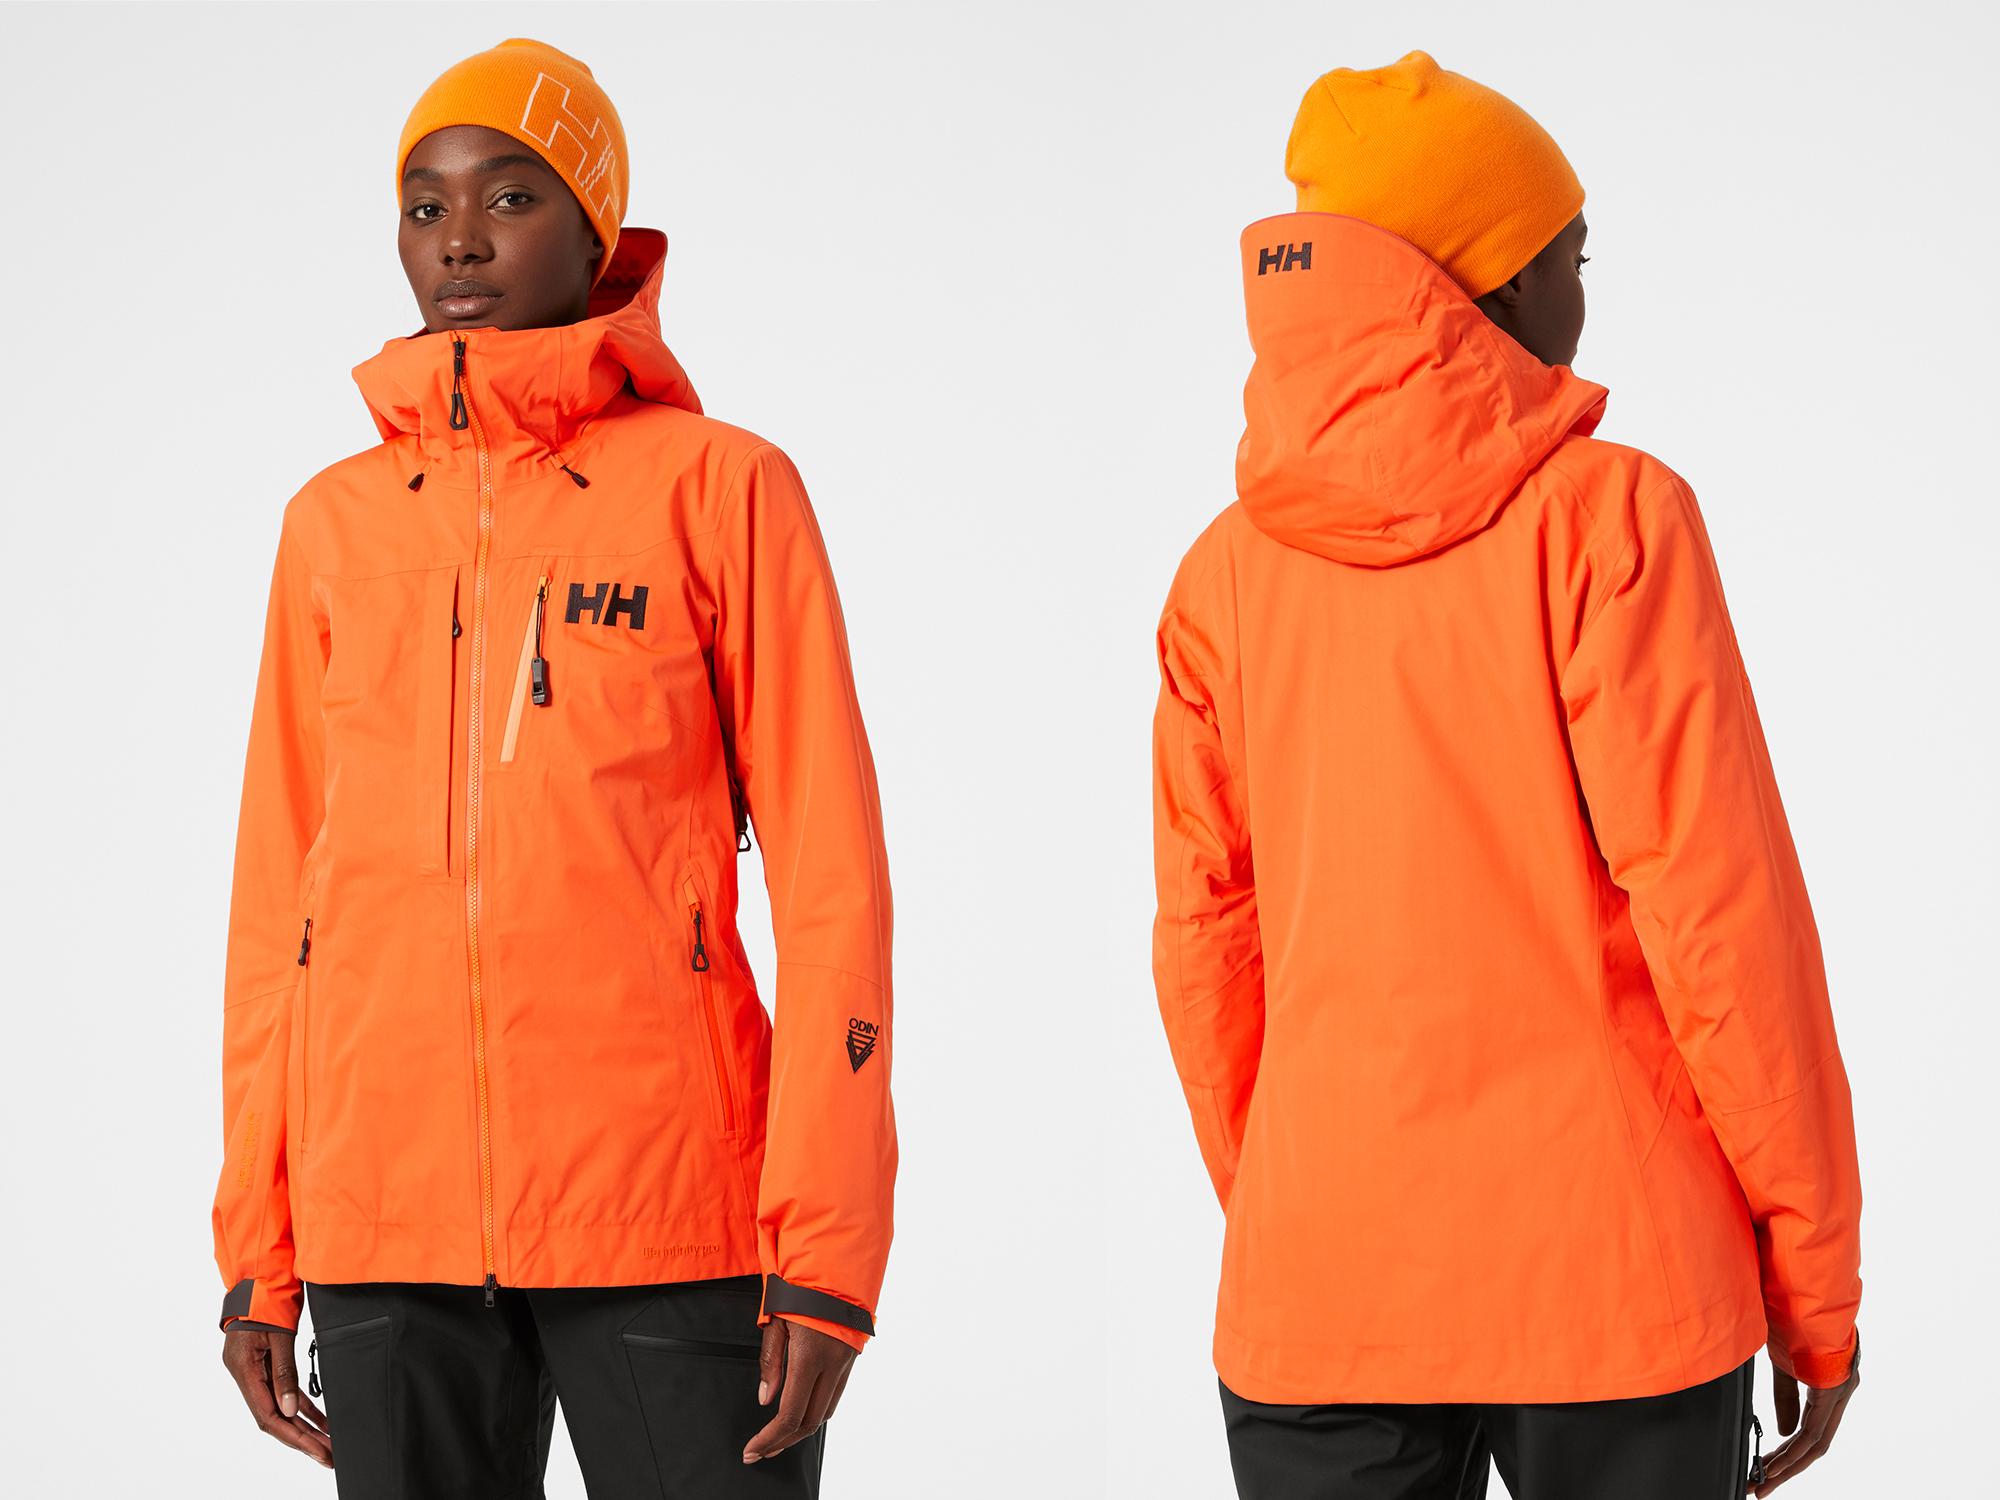 Black female model wearing neon orange Helly Hansen Infinity jacket